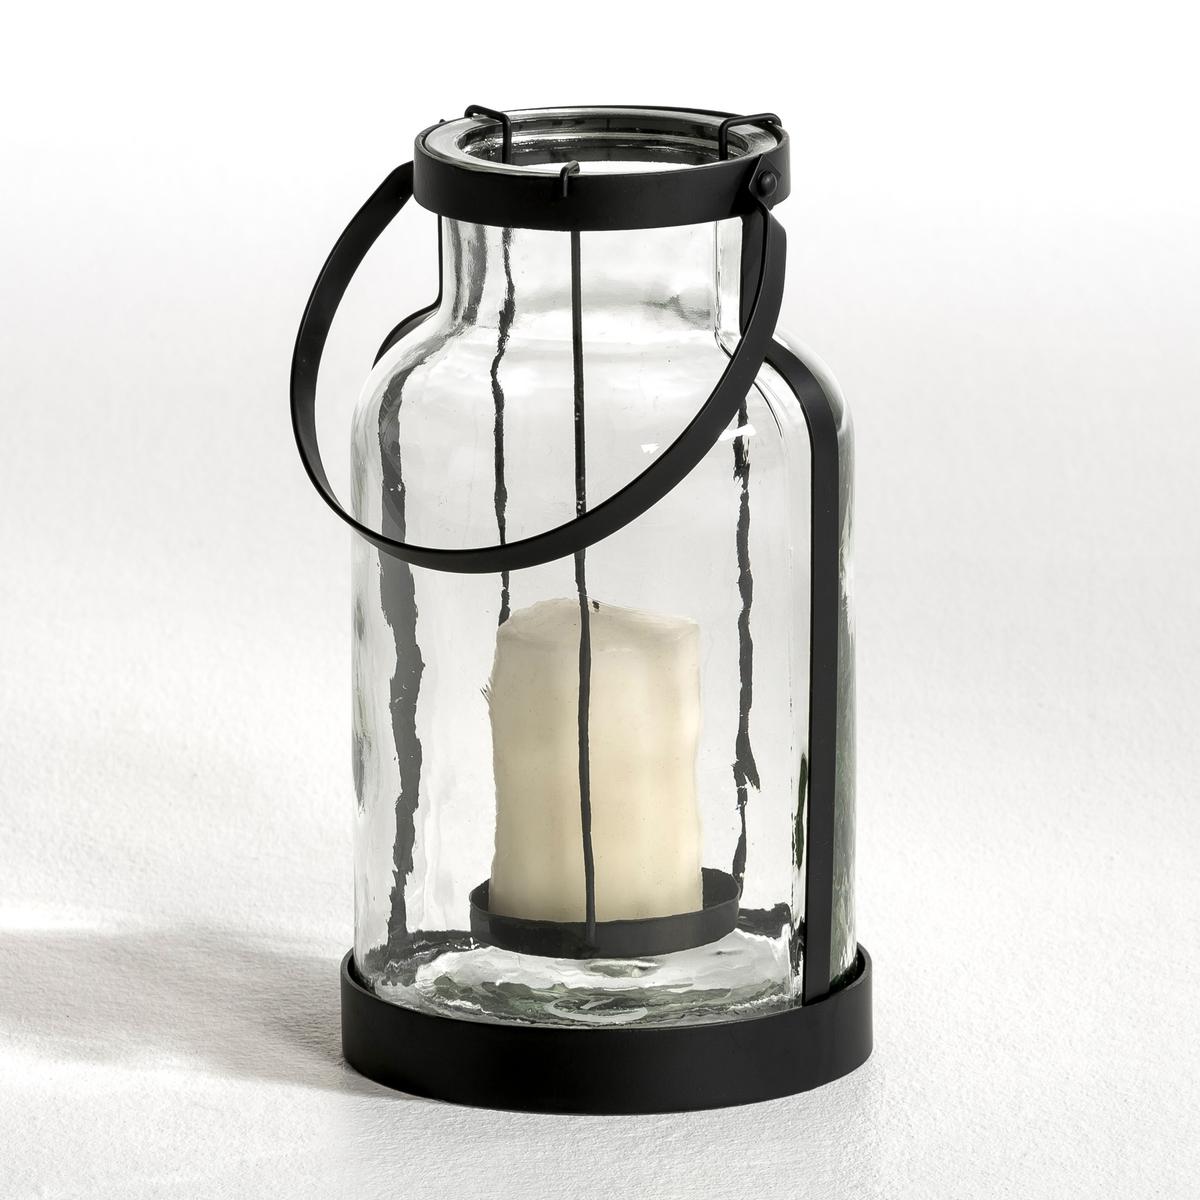 Фонарь, EsseltФонарь Esselt. Отличный фонарь для террасы или сада, чтобы освещать вечеринки. Из прозрачного стекла и металла. Ручка для переноски. Съемная подставка для свечи ?7 x В.10 см максимум. Размеры. : диаметр внизу 18,5 см, диаметр вверху 16,5 см, В.35 см.<br><br>Цвет: прозрачный